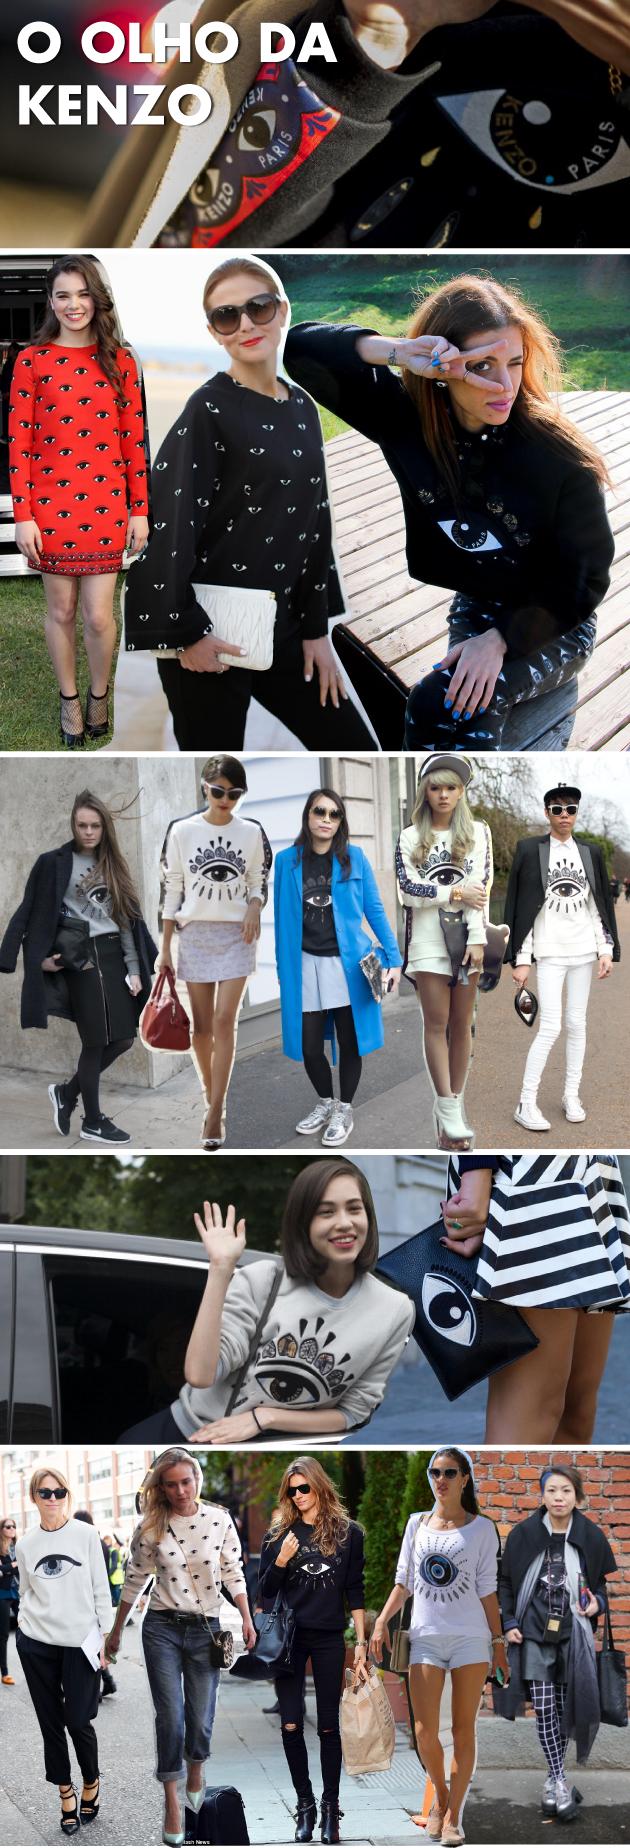 microtrend-olho-kenzo-sweatshirt-moletom-kenzo-olho-eye-iluminatti-estampa-olho-kenzo-paris-fashion-week-tendencia